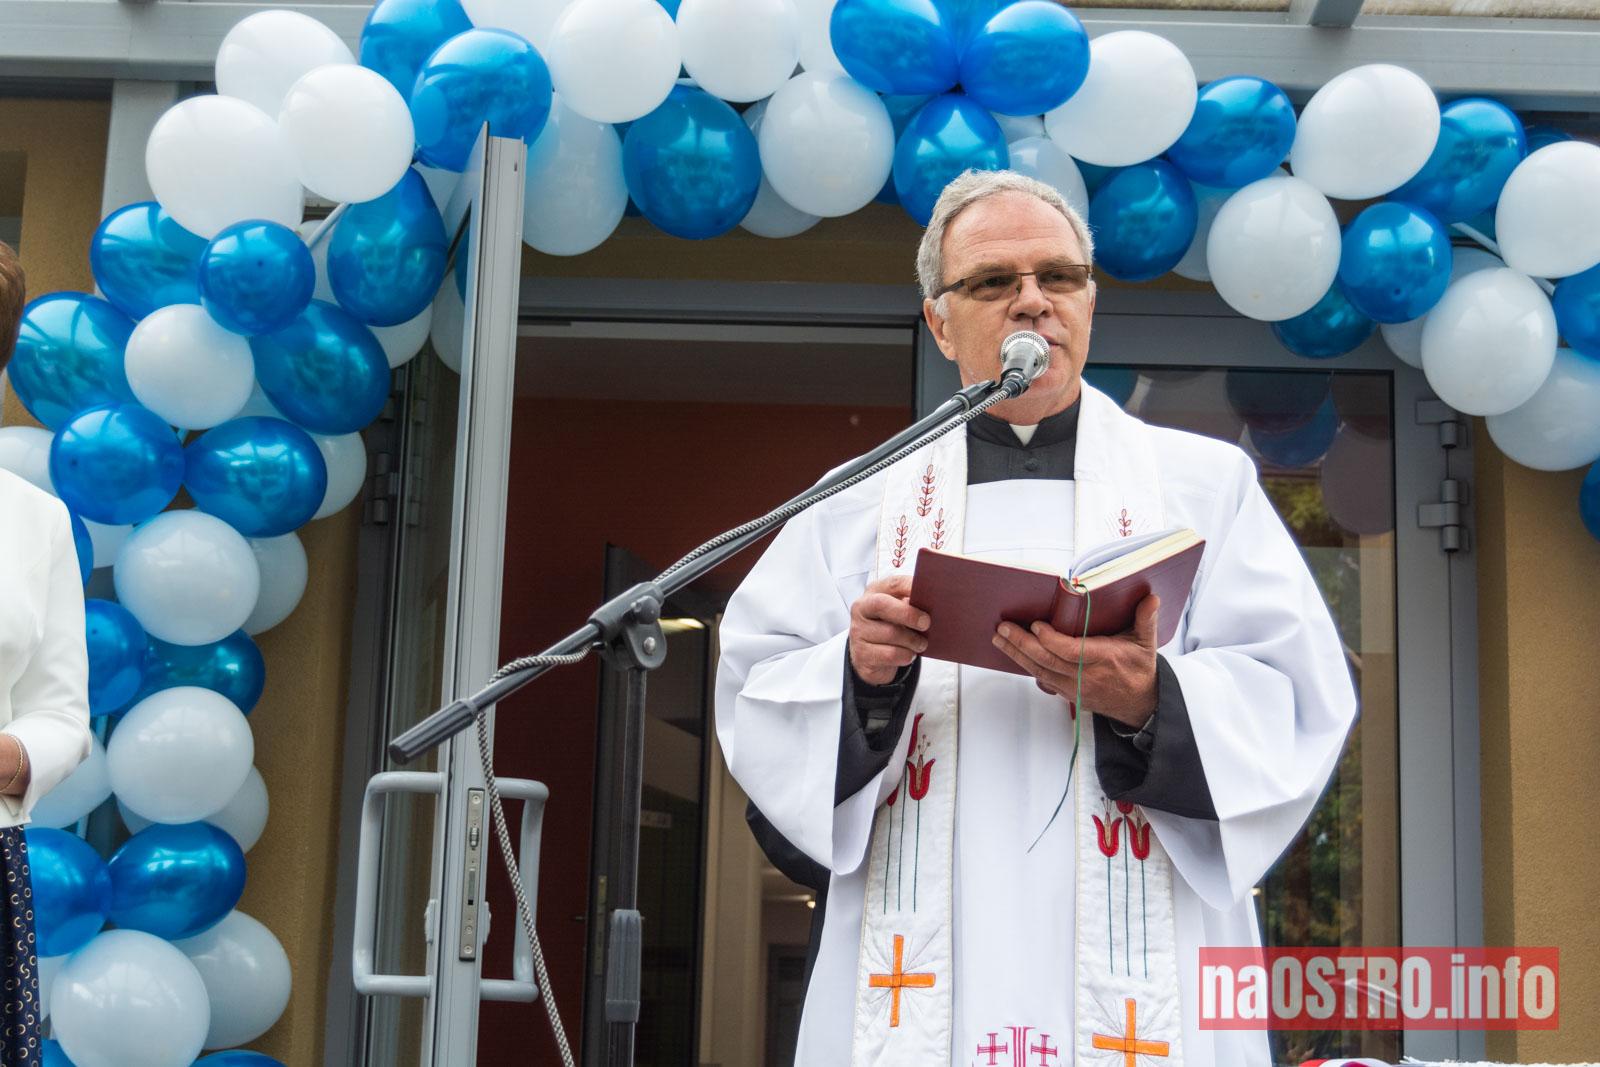 NaOSTRO Otwarcie Szkoły w Bałtowie-116